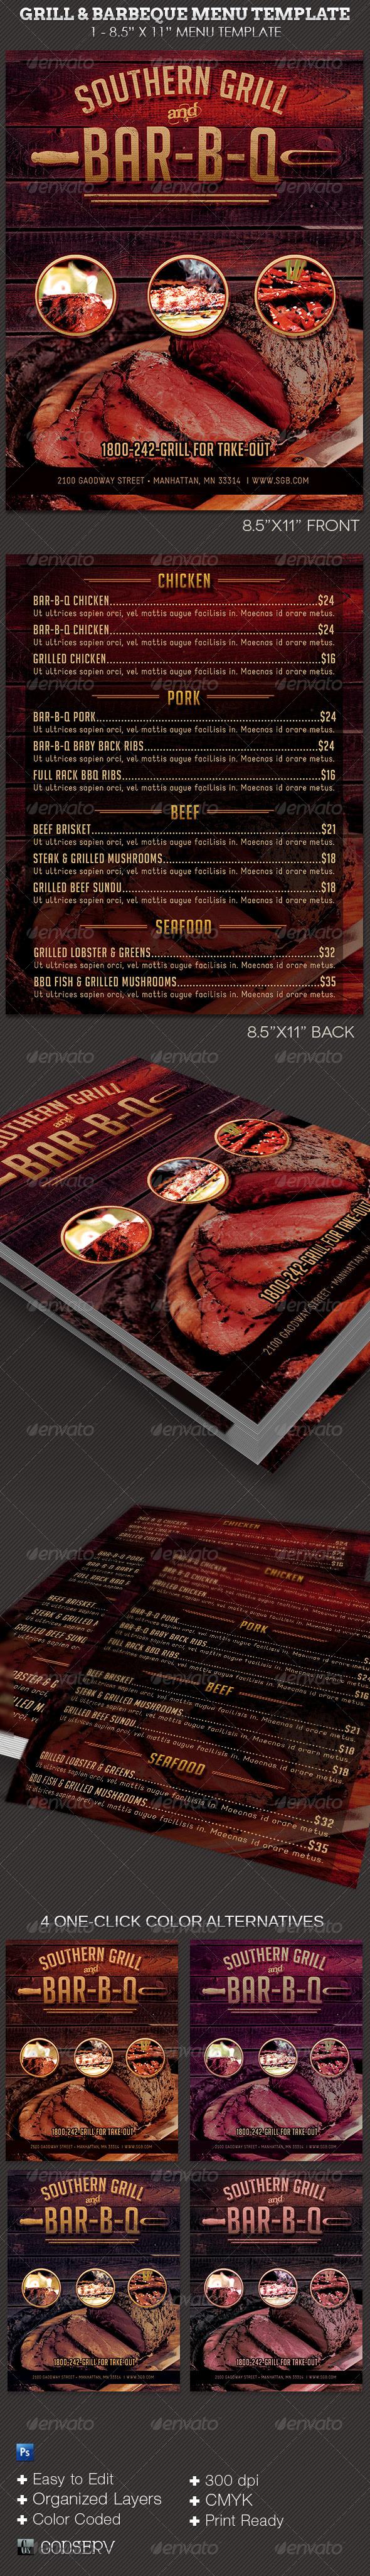 Bbq menu template ukranochi bbq menu template maxwellsz